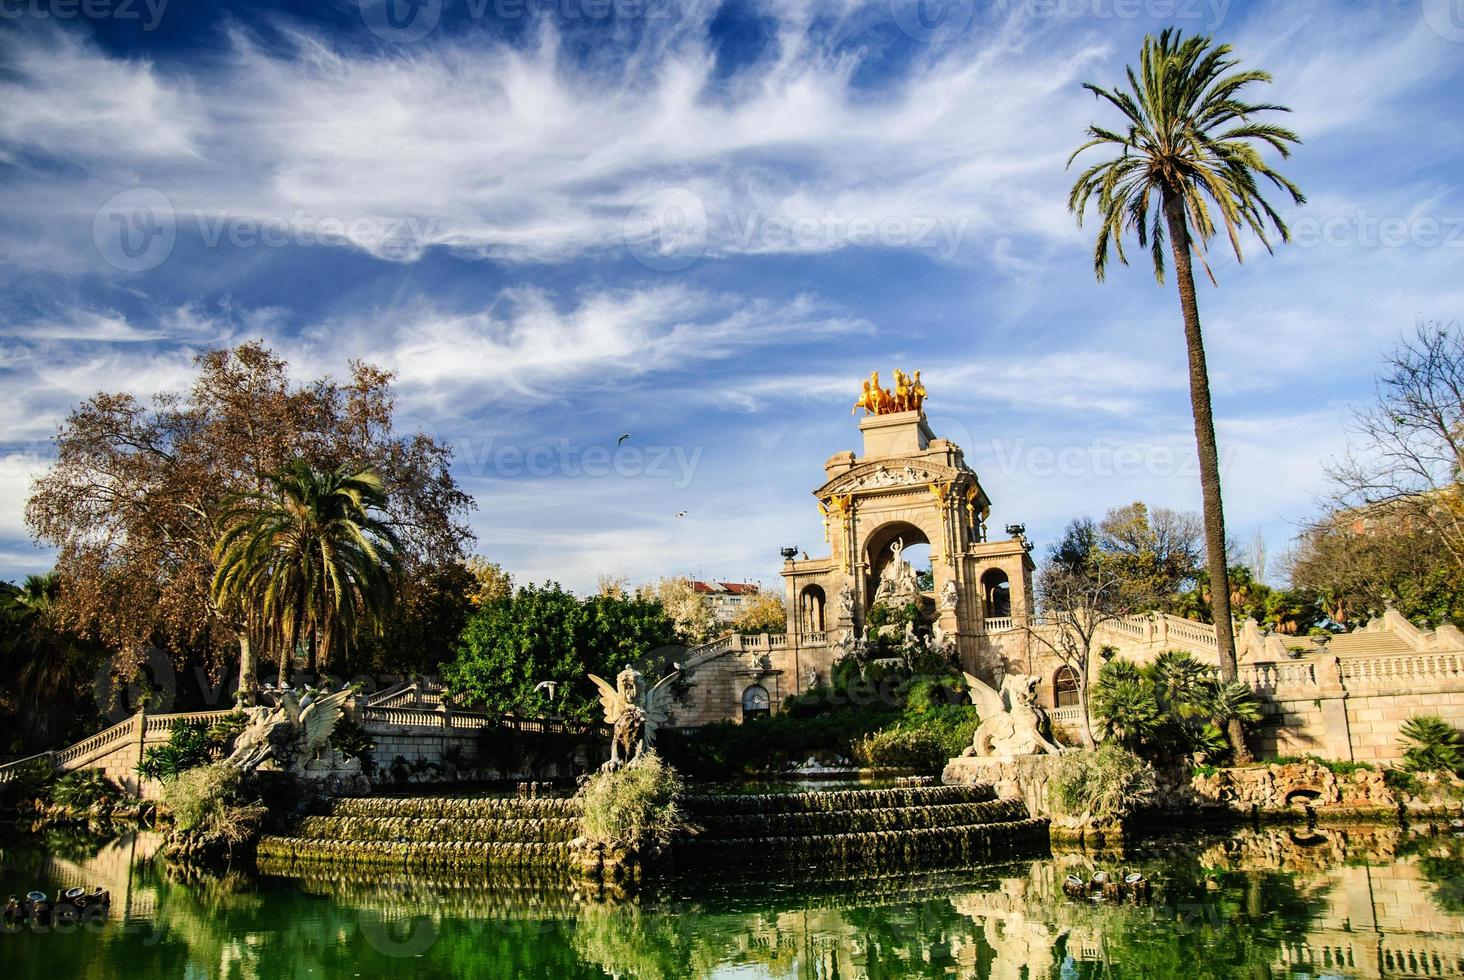 fontaine pittoresque dans le parc de la ciutadella, barcelone photo